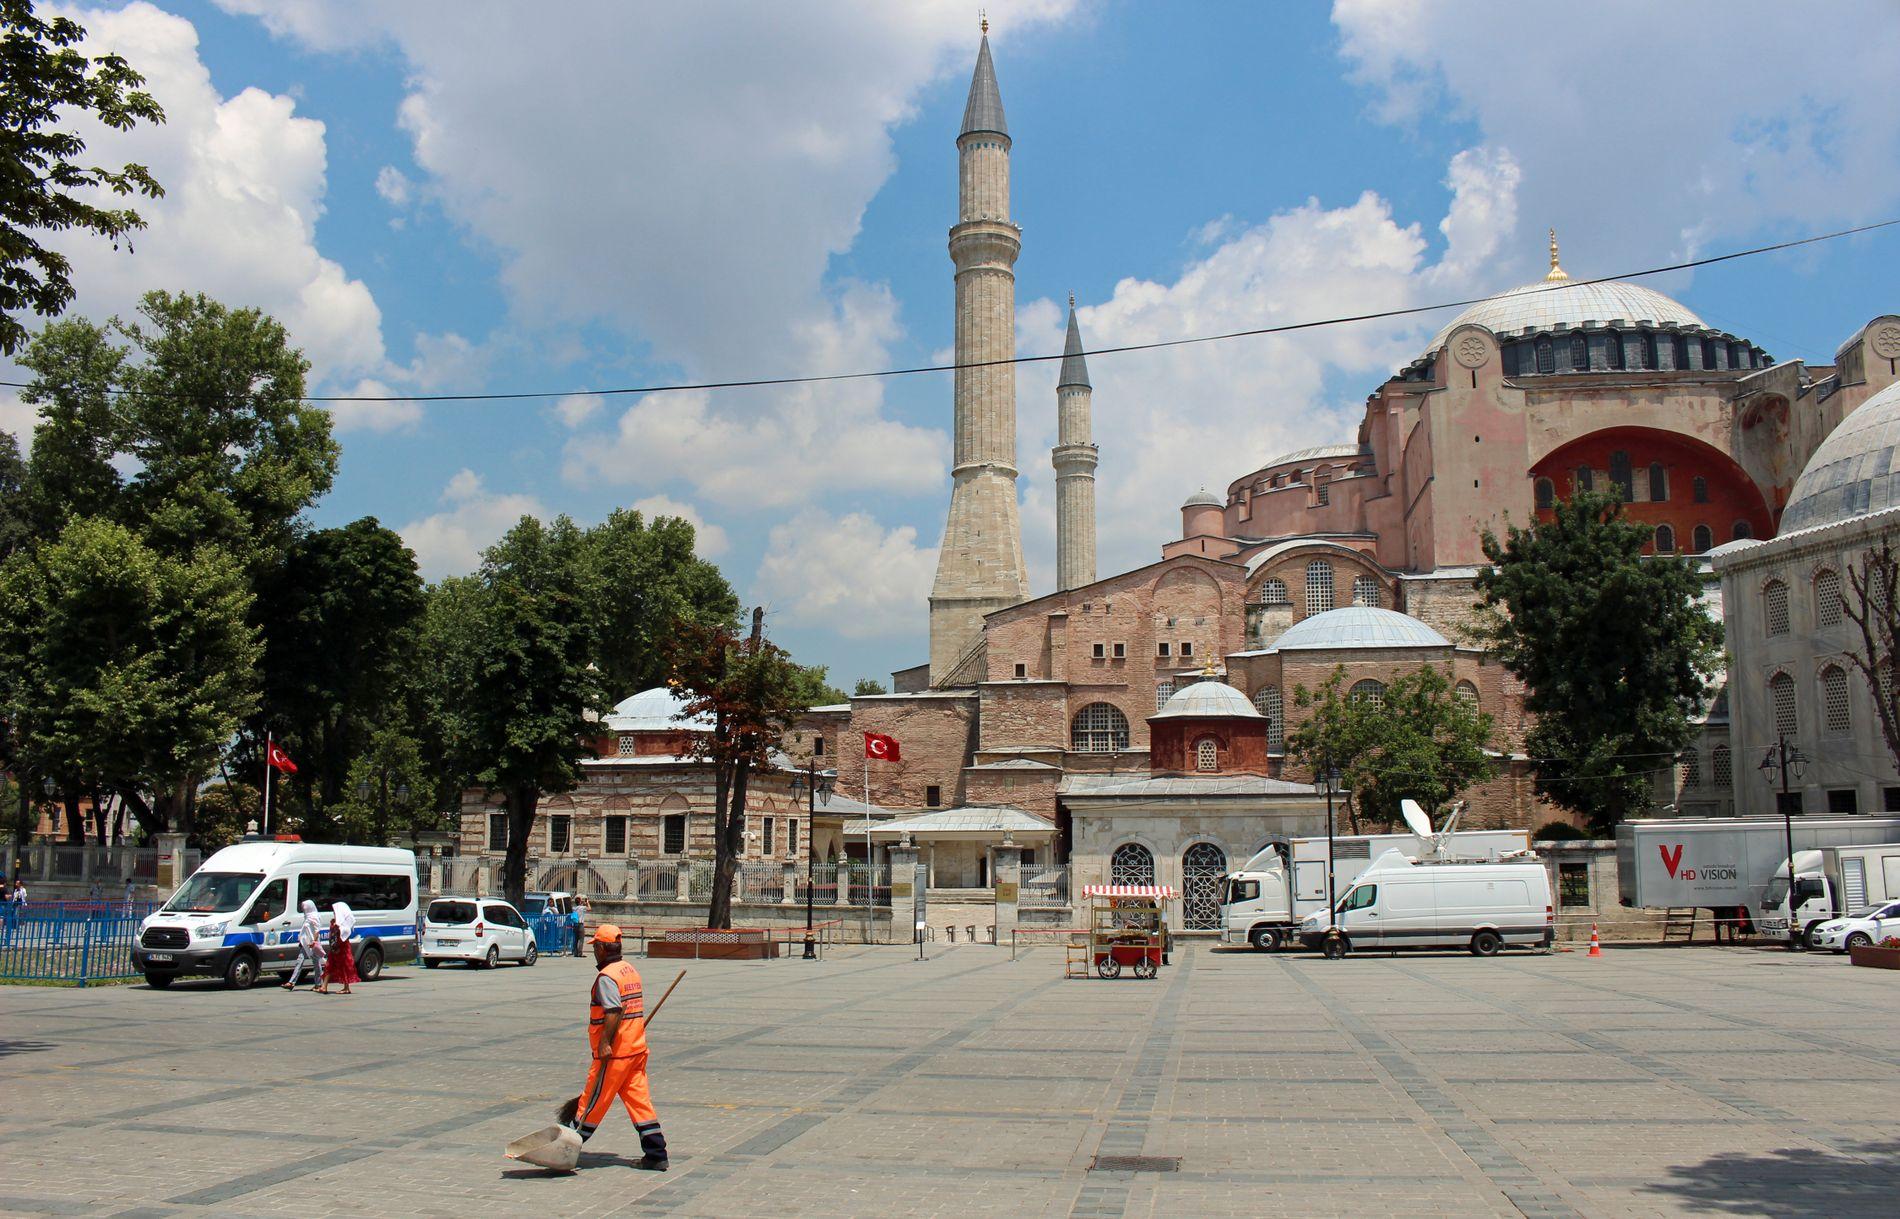 FOLKETOMT: Hagia Sofia, eller Aya Sofia som den kalles i Tyrkia, er Istanbuls mest kjente turistmål. Her pleier det å vrimle av turister, nå har gatefeieren plassen nesten for seg selv.